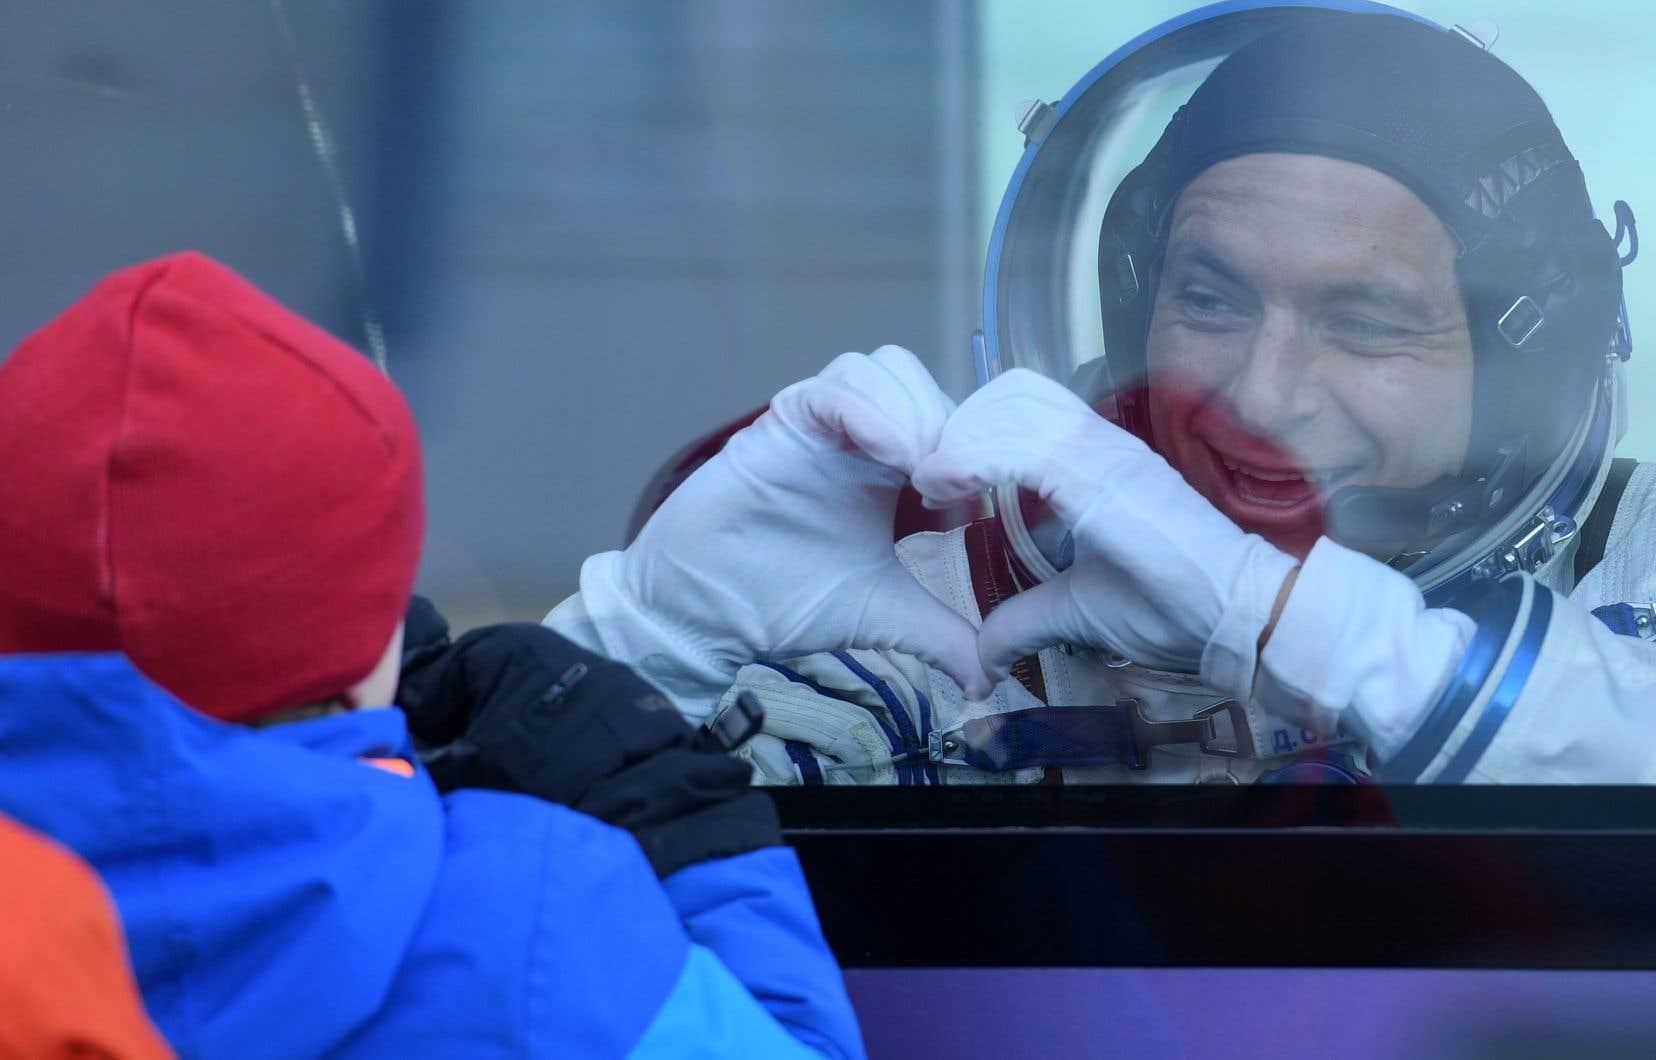 Depuis l'autobus qui l'amenait à la fusée, l'astronaute québécois David Saint-Jacques a salué sa famille avant d'entreprendre un voyage de plus de six mois dans l'espace.